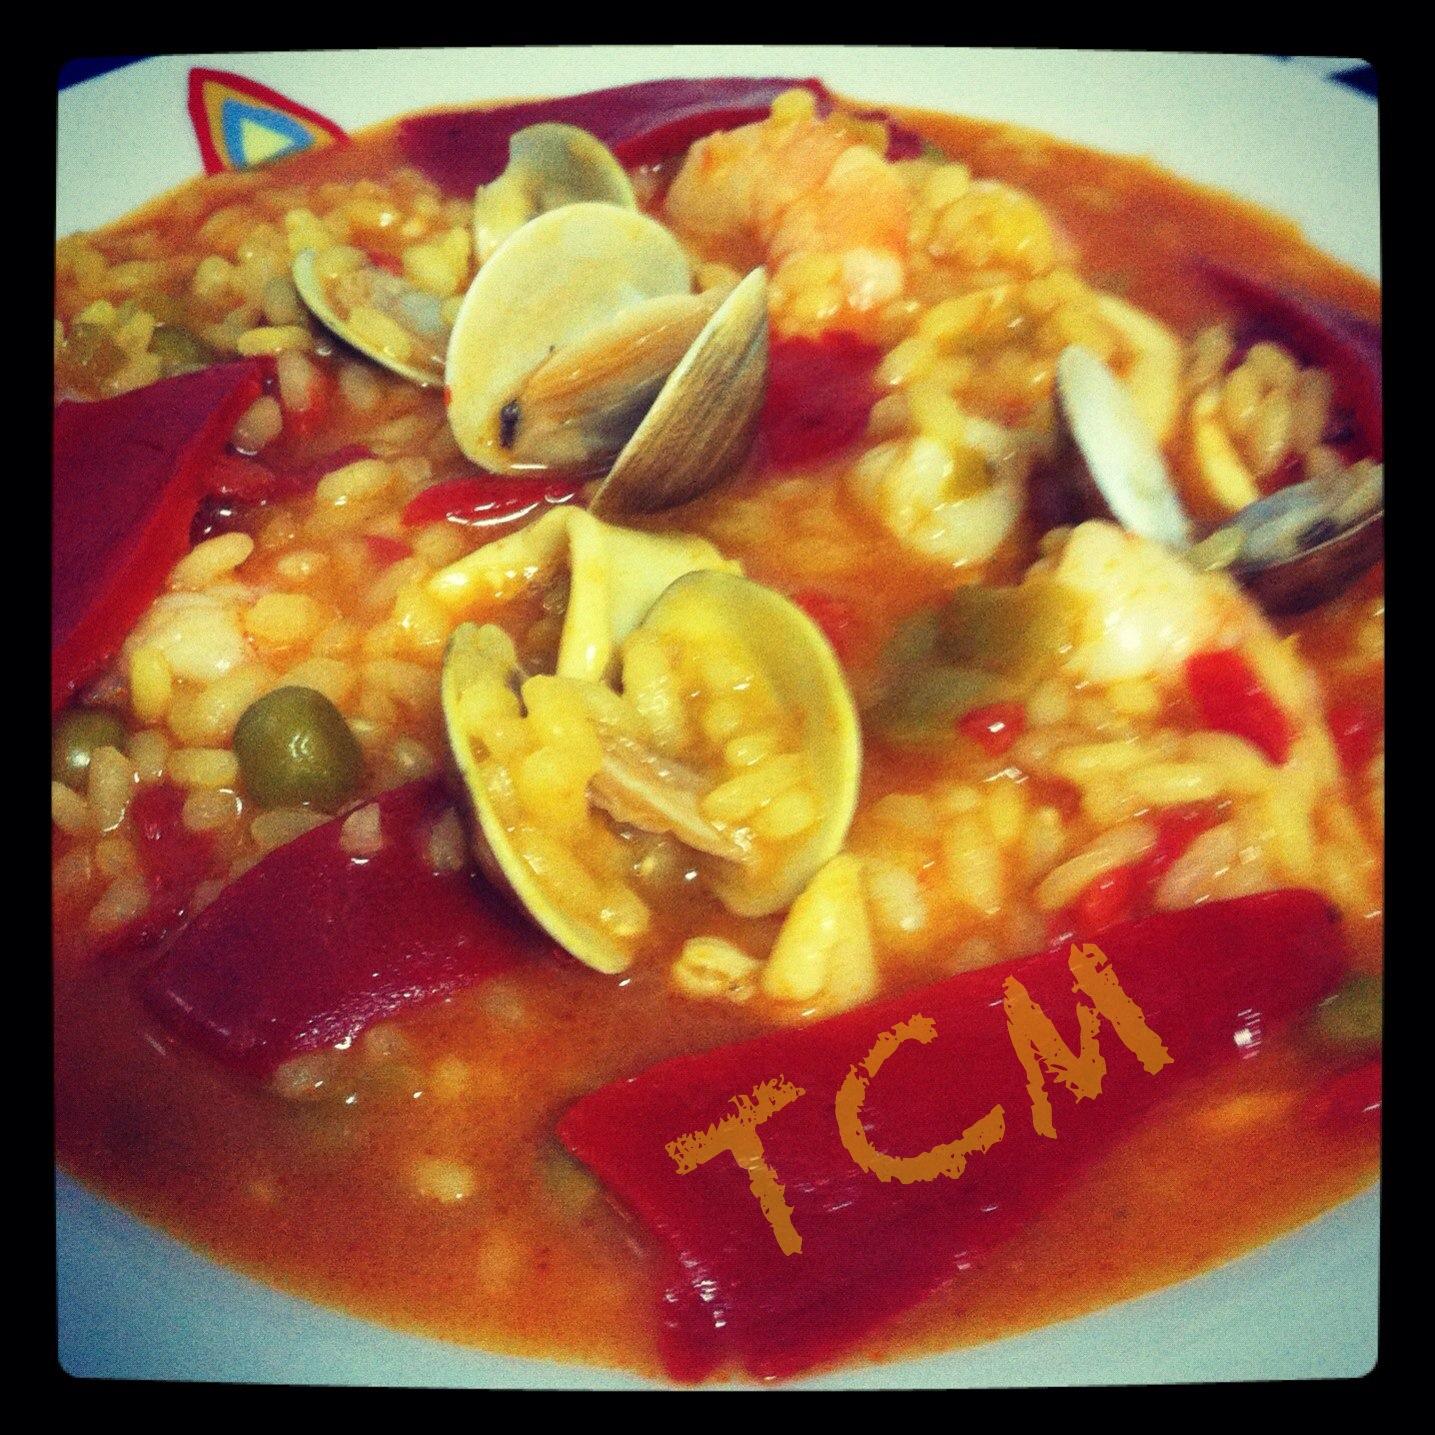 Thermococinamix arroz caldoso con calamares gambas y almejas - Arroz con gambas y almejas ...